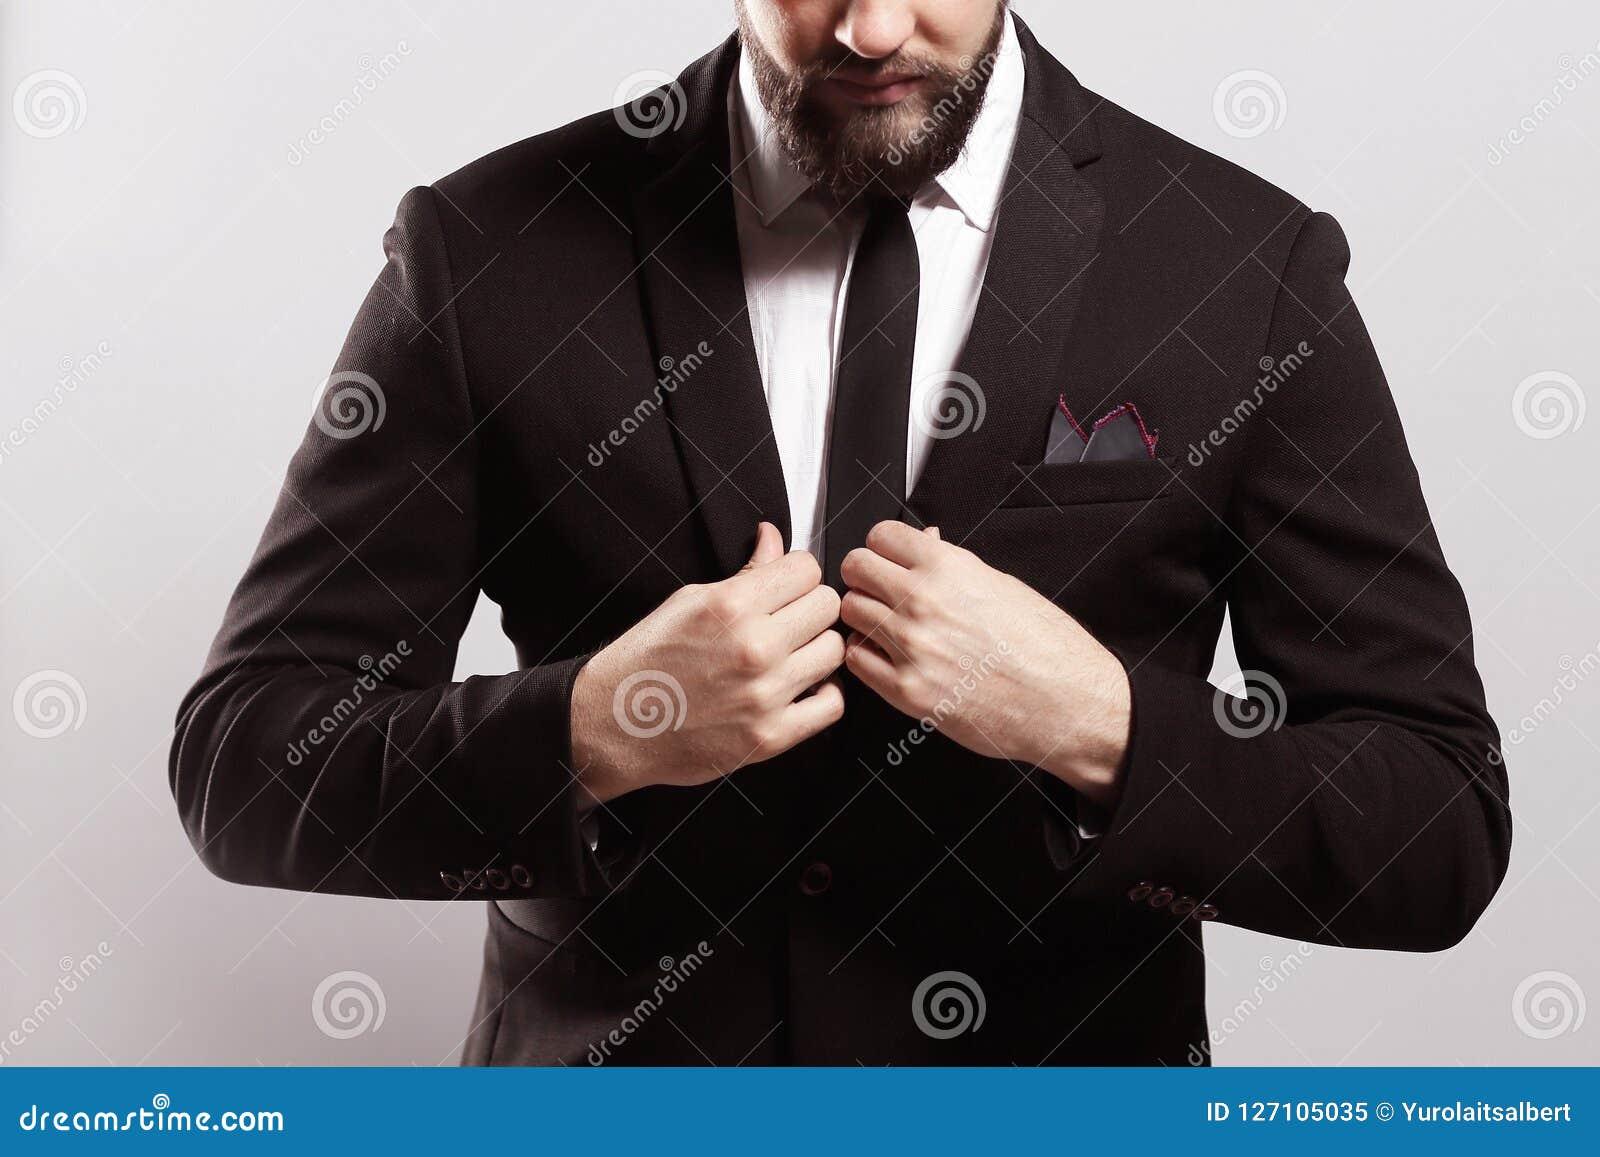 Zaufanie i charyzma Przystojny młody człowiek przystosowywa jego kurtkę w pełnym kostiumu